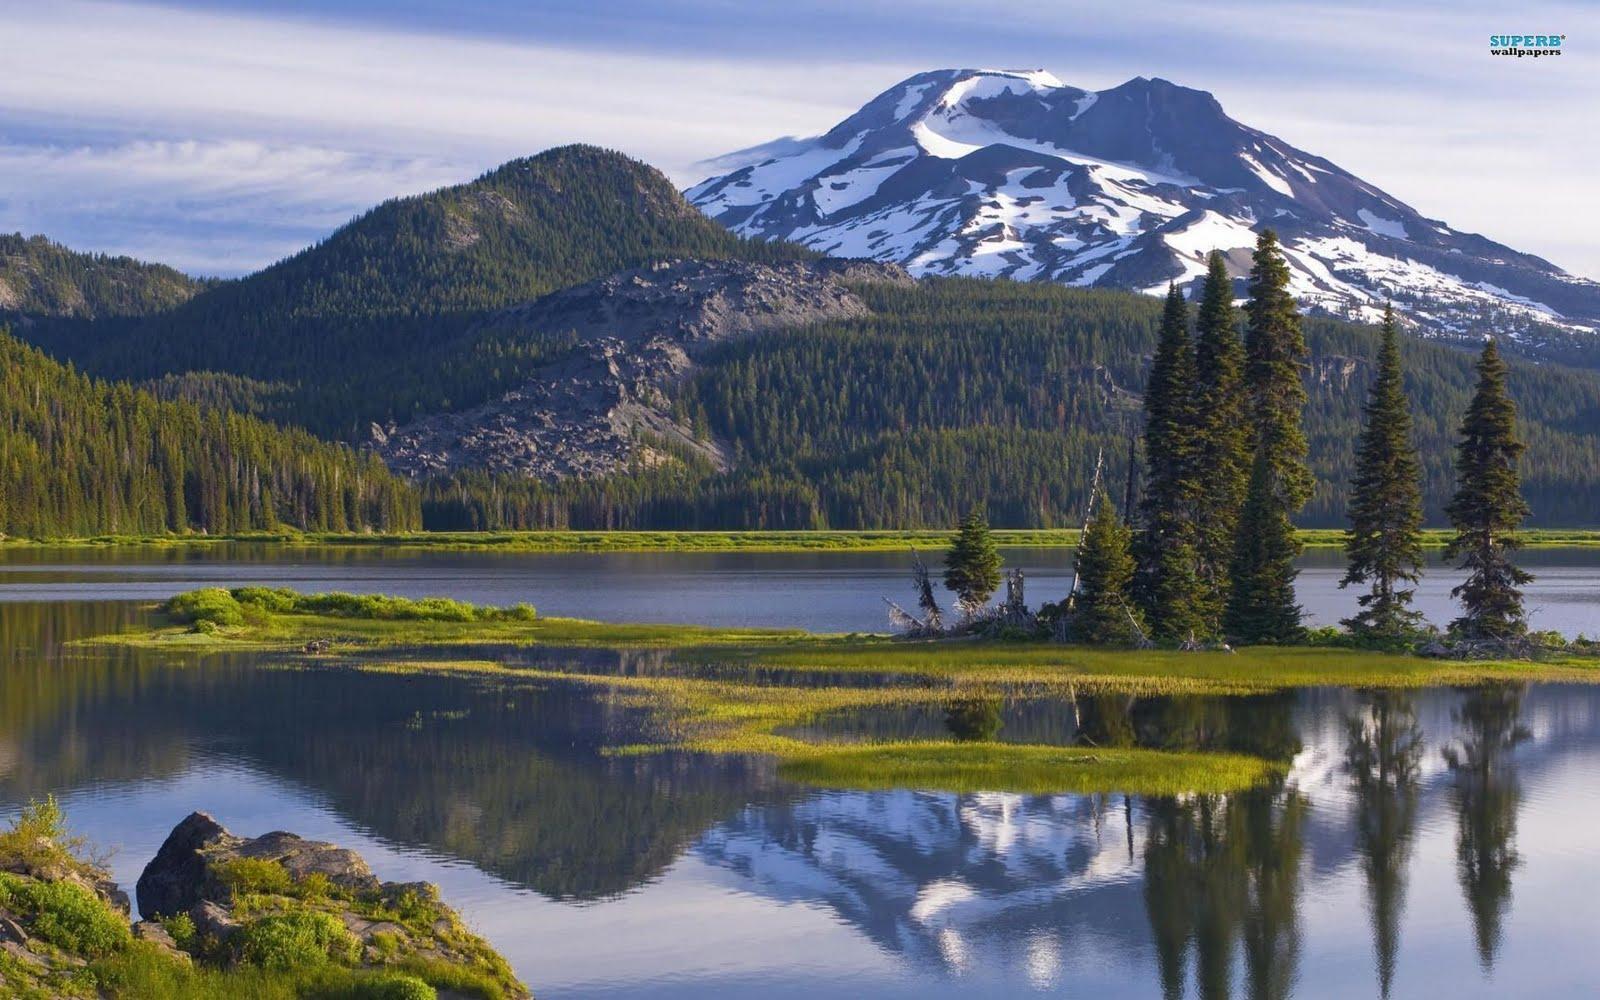 http://1.bp.blogspot.com/-bIbRFvx3rIc/TcwX374zgWI/AAAAAAAANRY/66IGhuloAN4/s1600/sparks-lake-south-sister-peak-deschutes-national-forest-2281-1920x1200%281%29.jpg